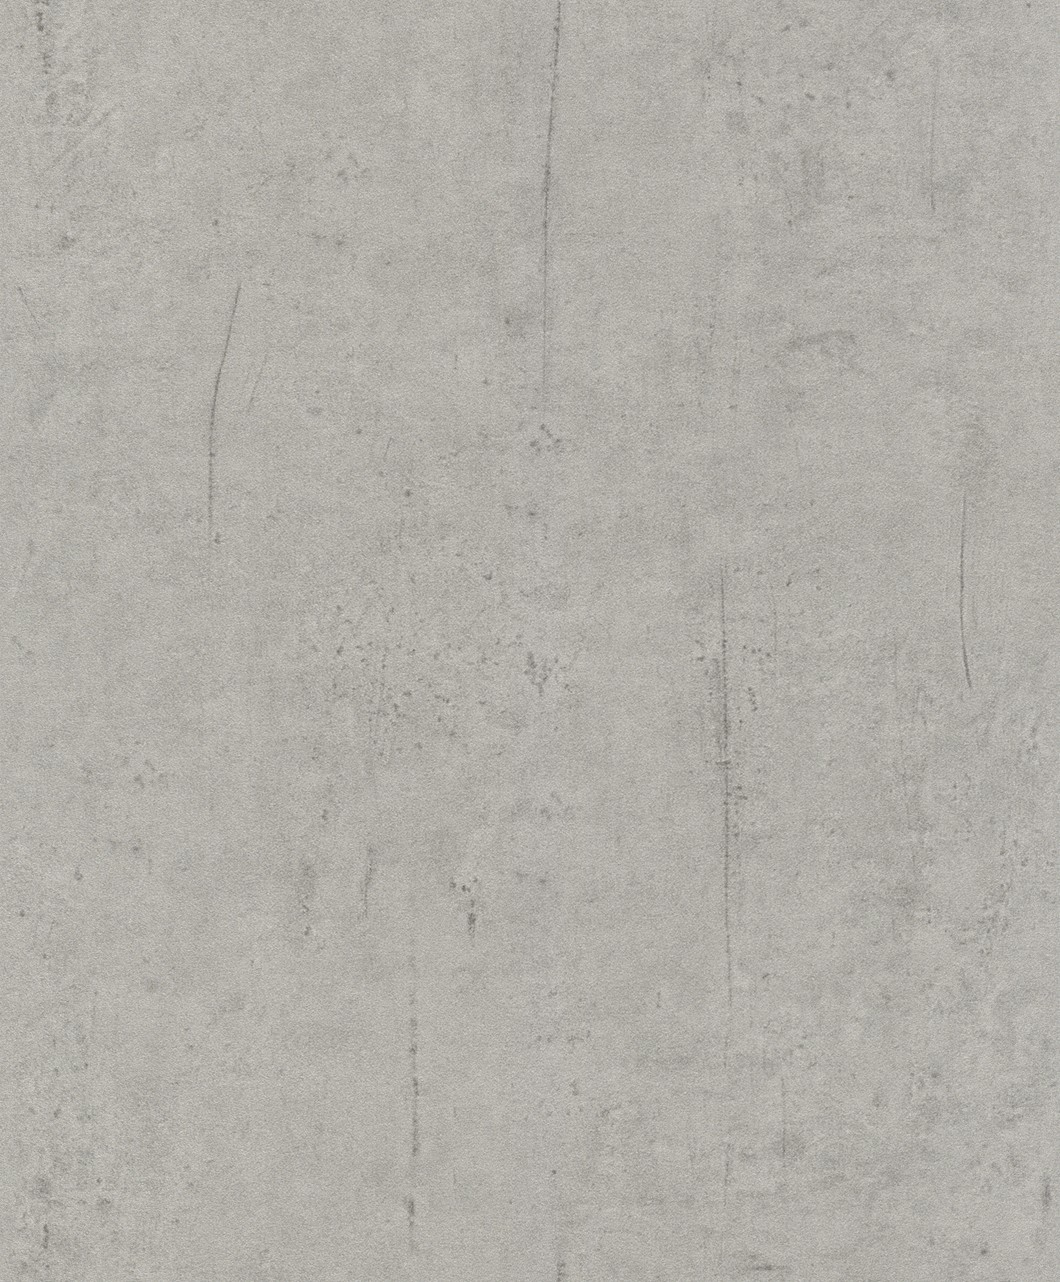 wallquest wallpaper company